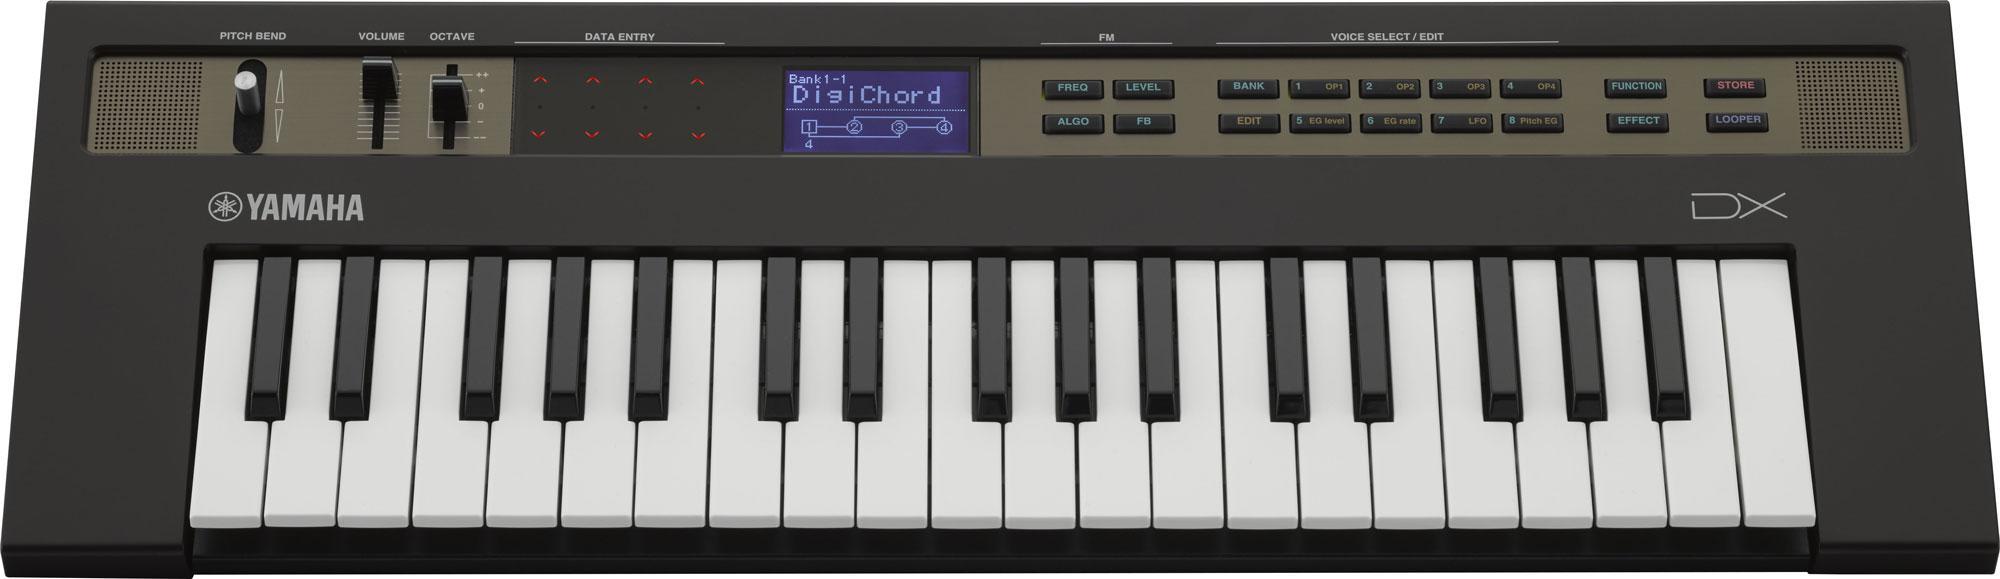 Yamaha Reface DX Synthesizer schwarz